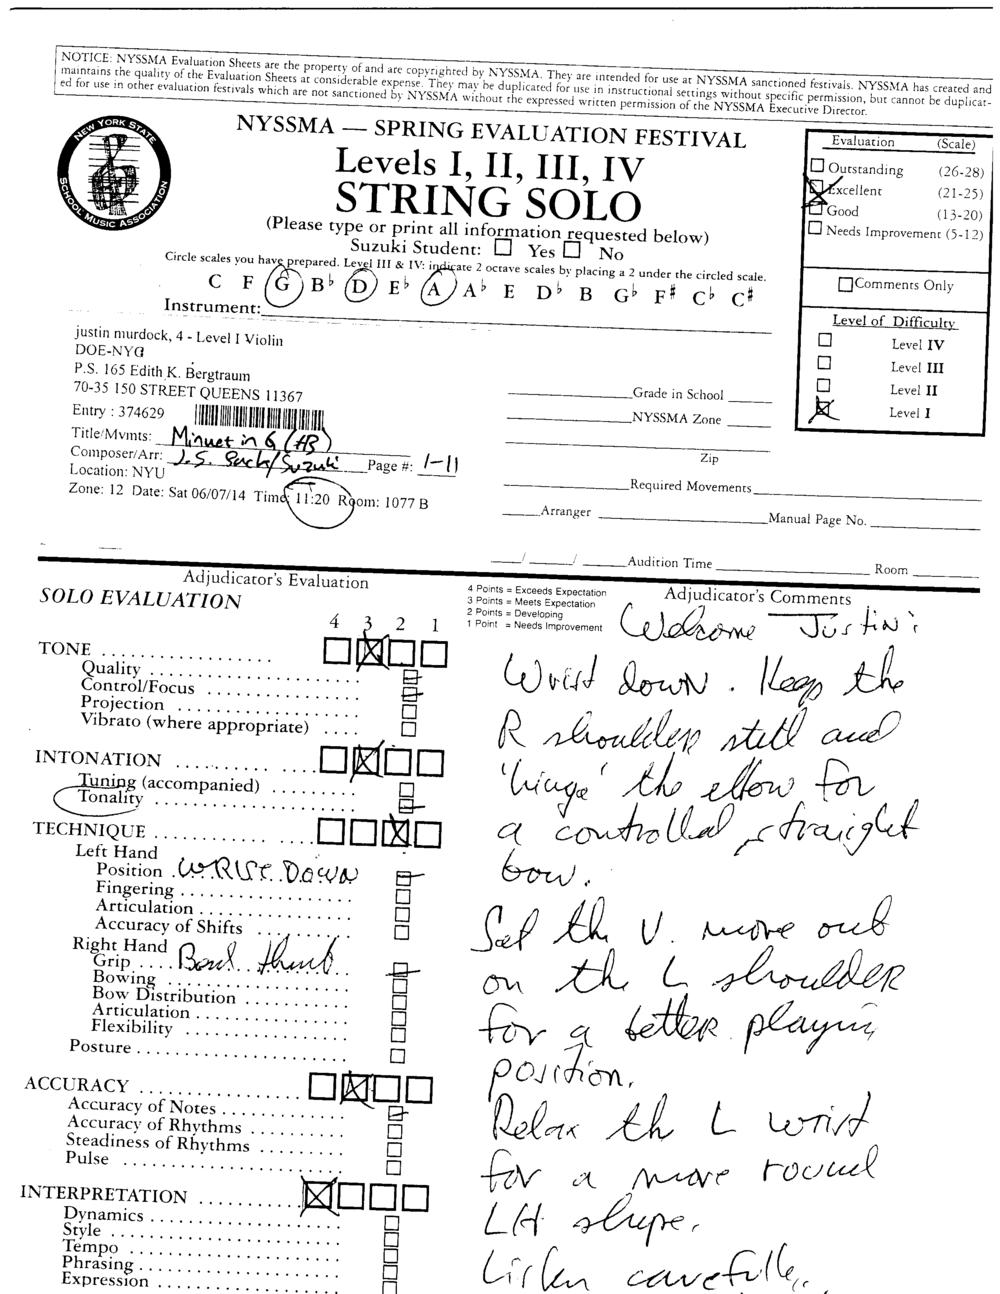 Justin Murdock Violin.png